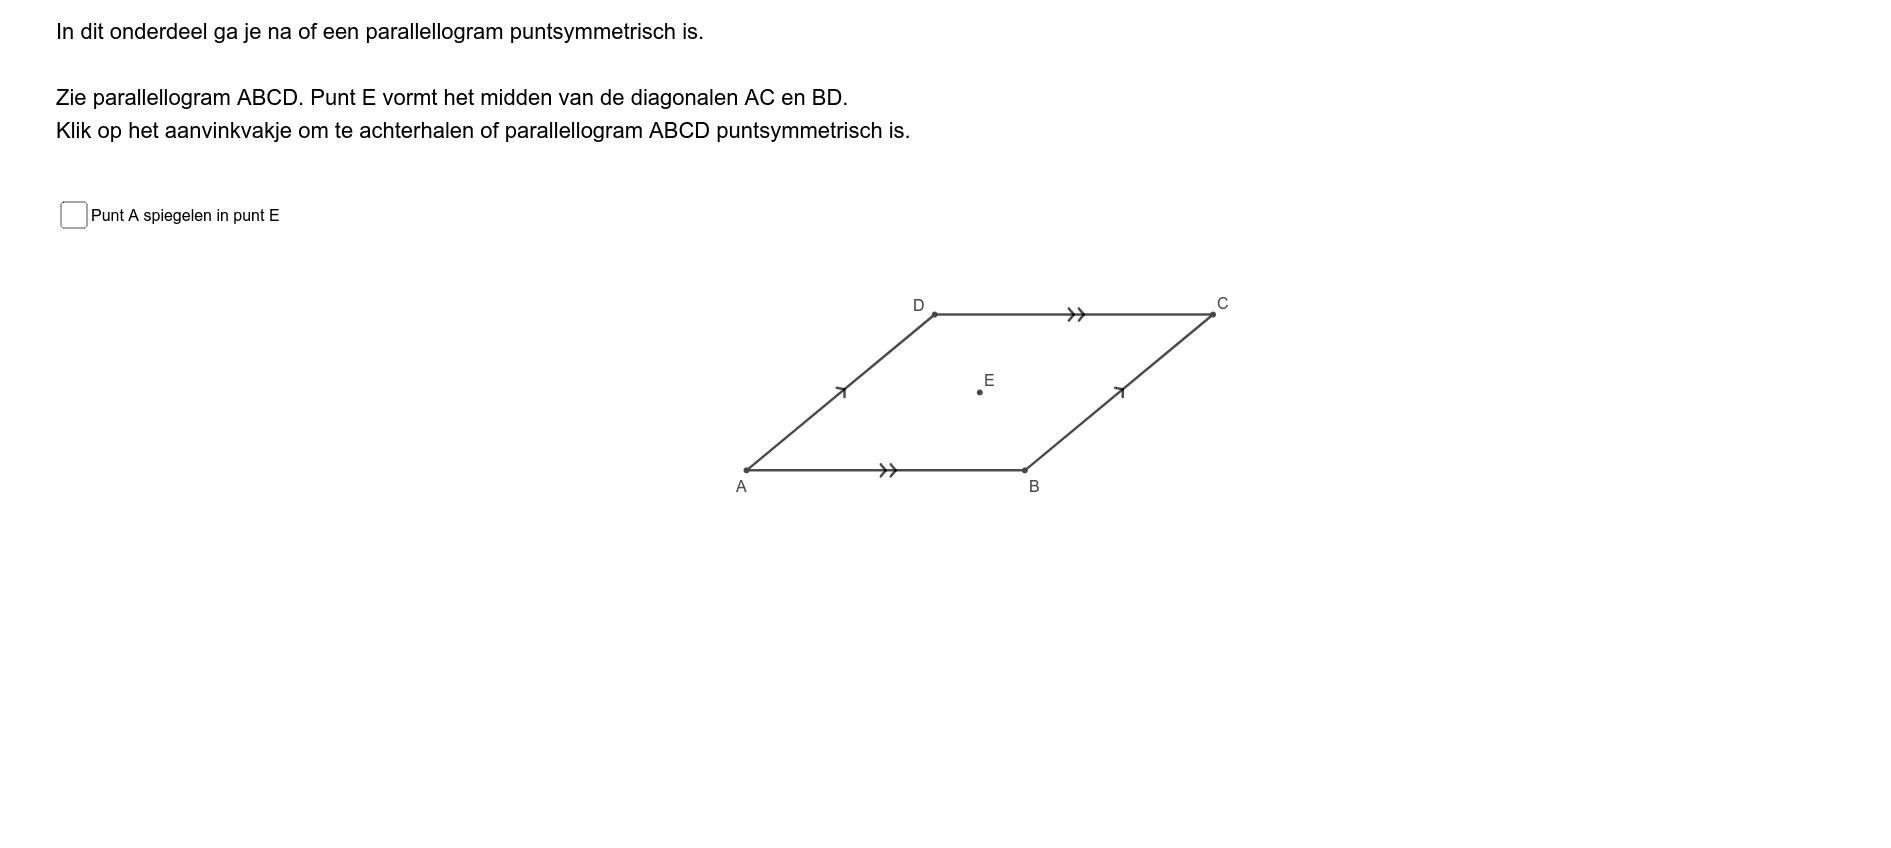 Is een parallellogram puntsymmetrisch? Klik op Enter om de activiteit te starten